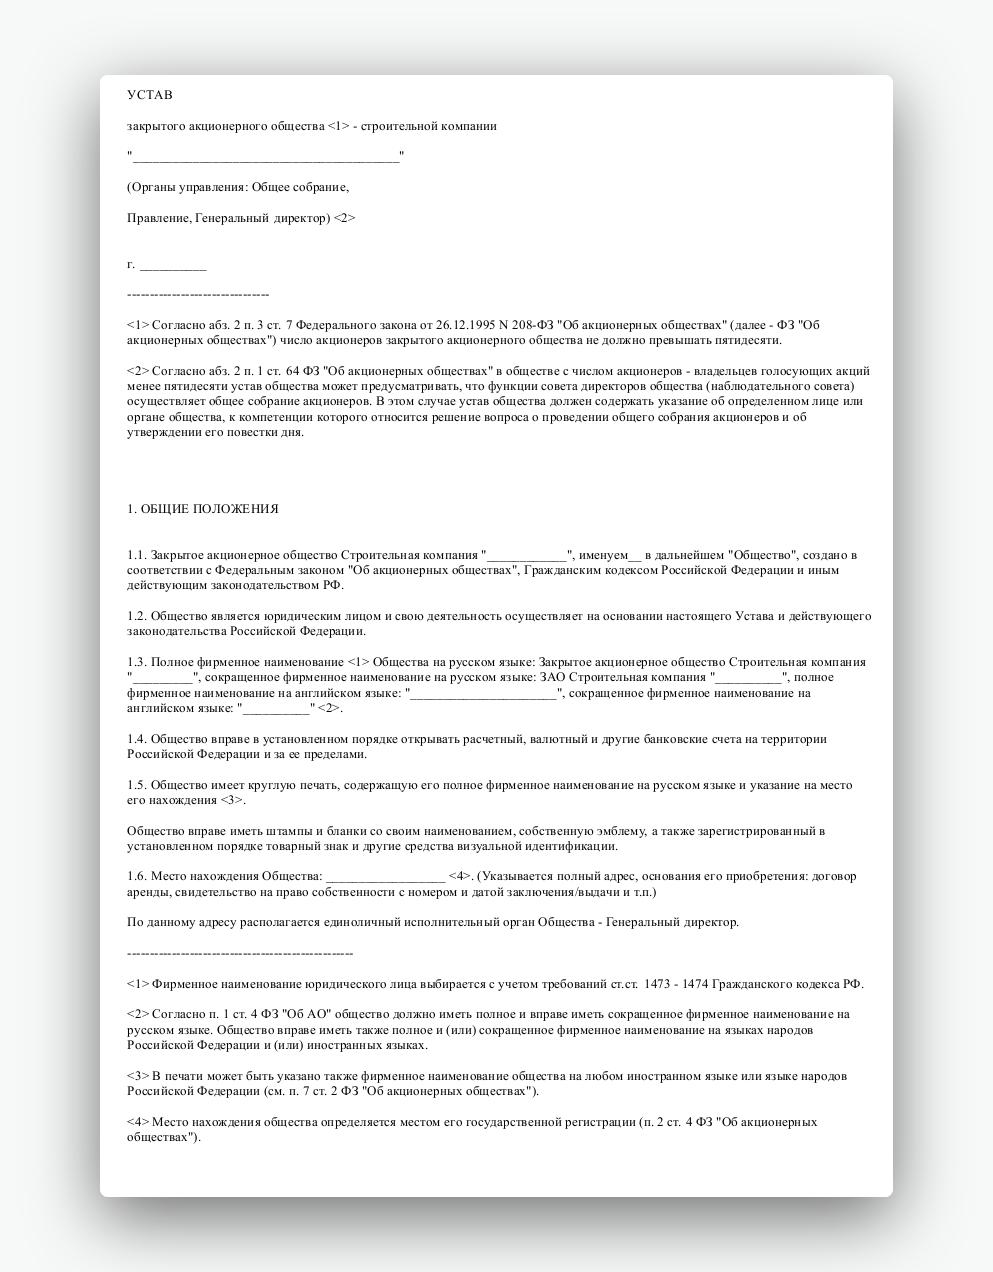 Устав строительной компании